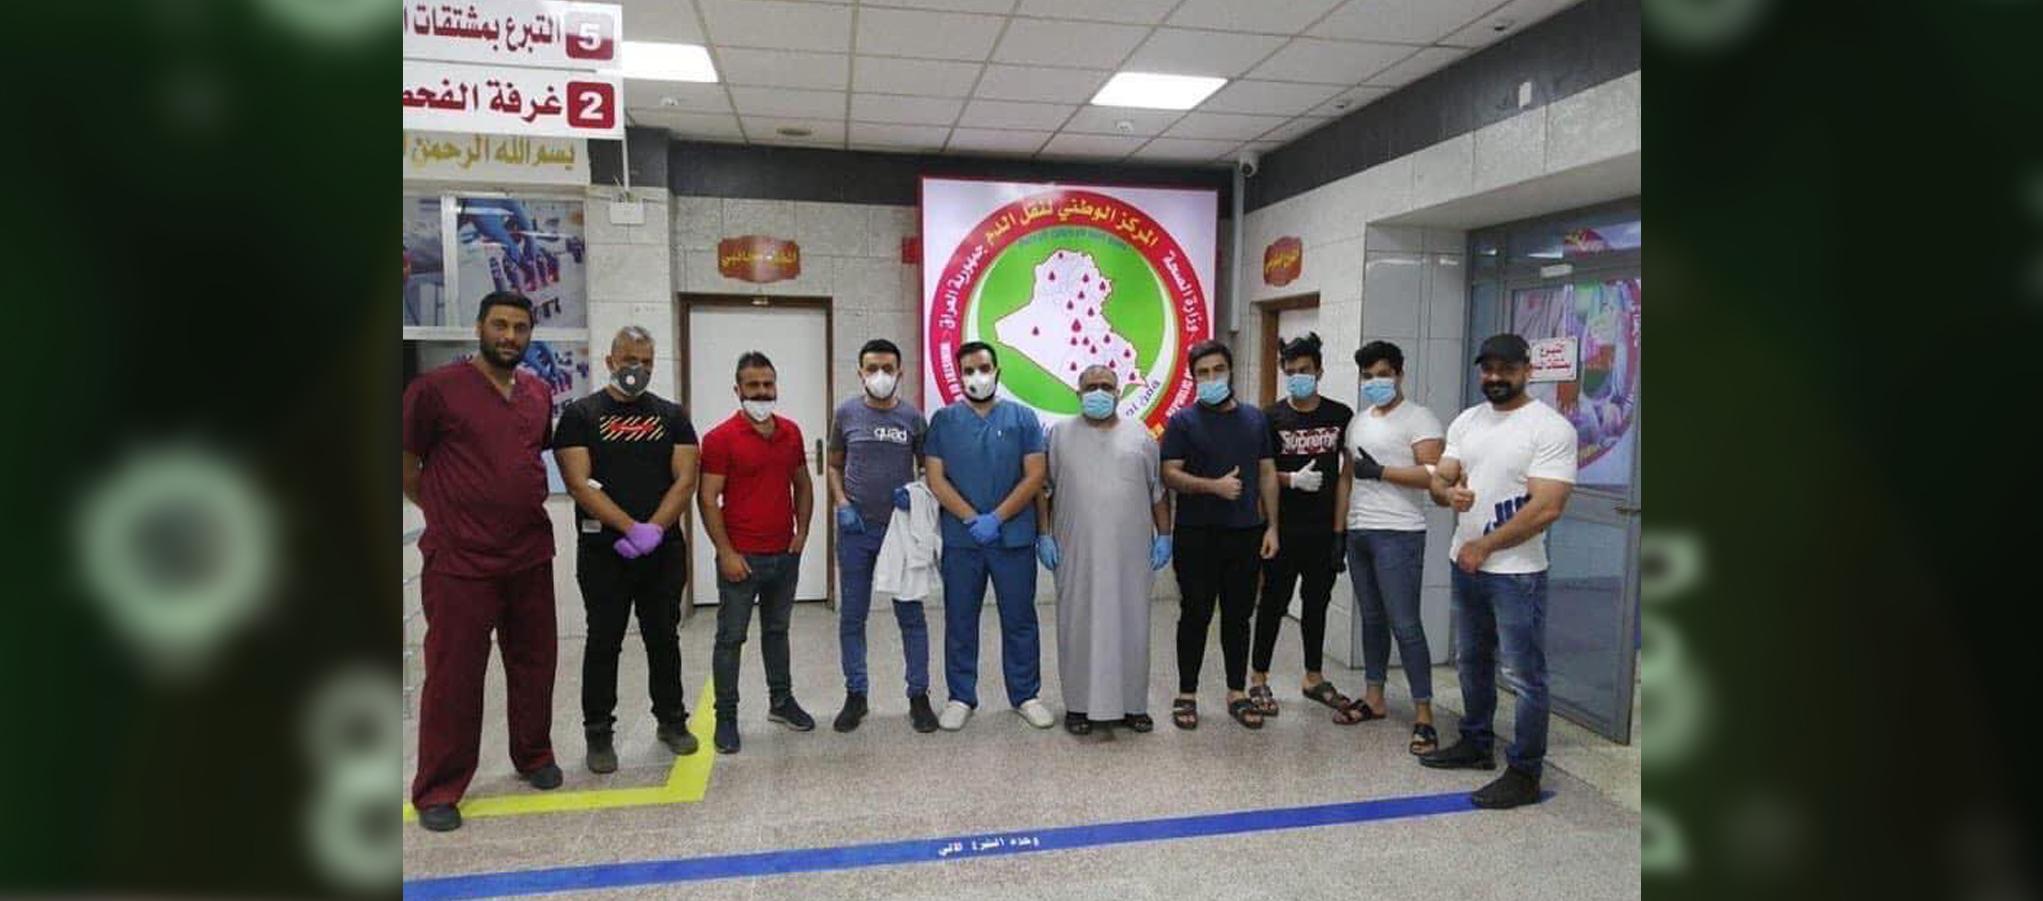 عائلة مشافه من فيروس كورونا تتبرع بالدم مجاناً